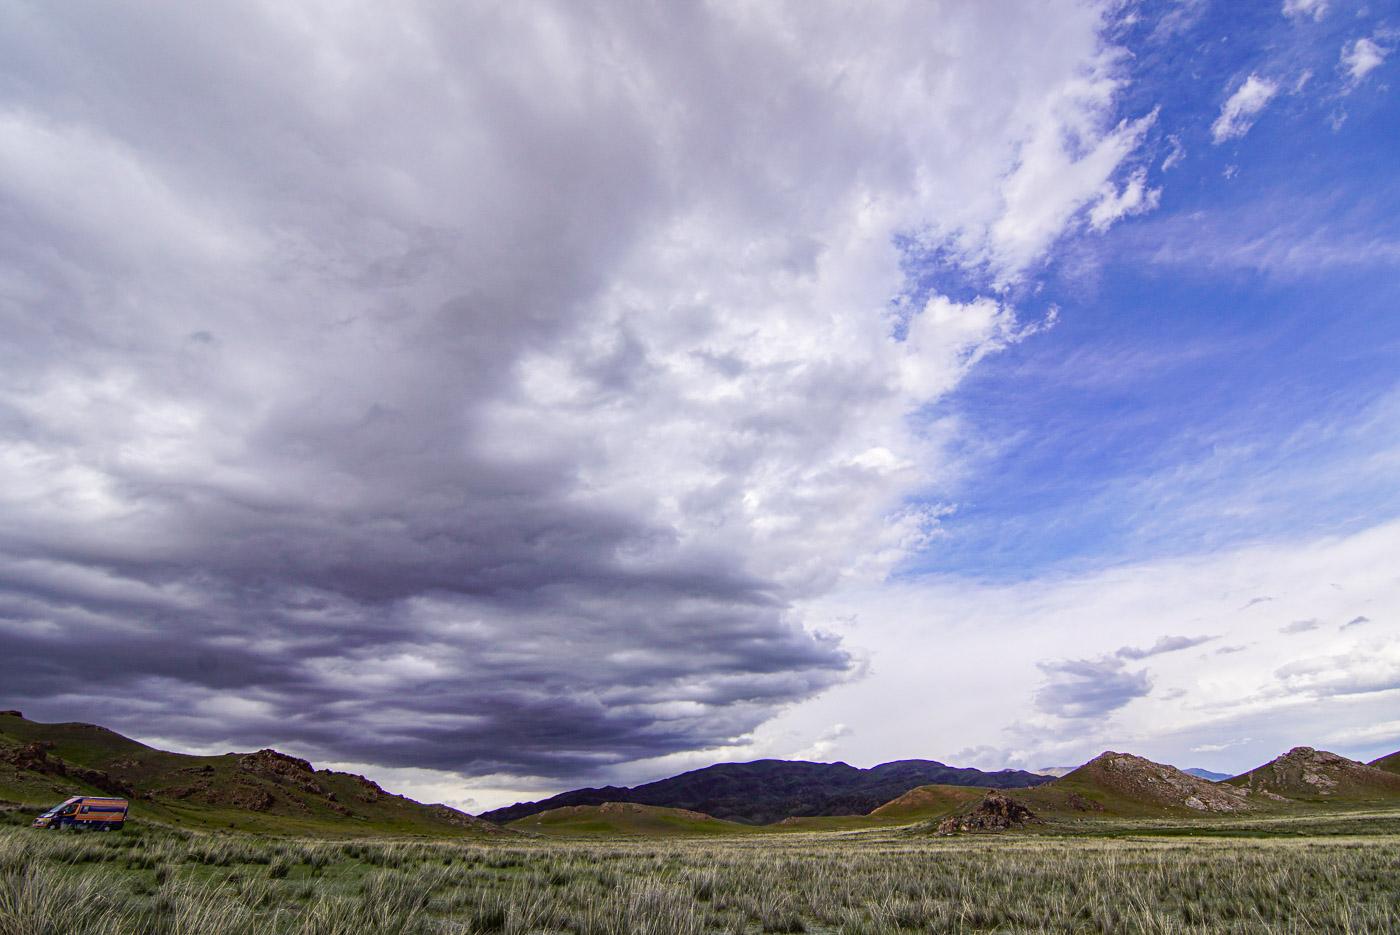 Zu sehen ist eine Aufnahme von unserem schlafplatz tuzkol Lake. Im Vordergrund erstreckt sich eine mit Steppengras bedeckte Fläche links außen ist unser Auto zu sehen dahinter erheben sich die Berge. Der Himmel ist zweigeteilt während rechts noch wunderschönes Wetter ist zieht von links eine dunkle sturmfront heran.